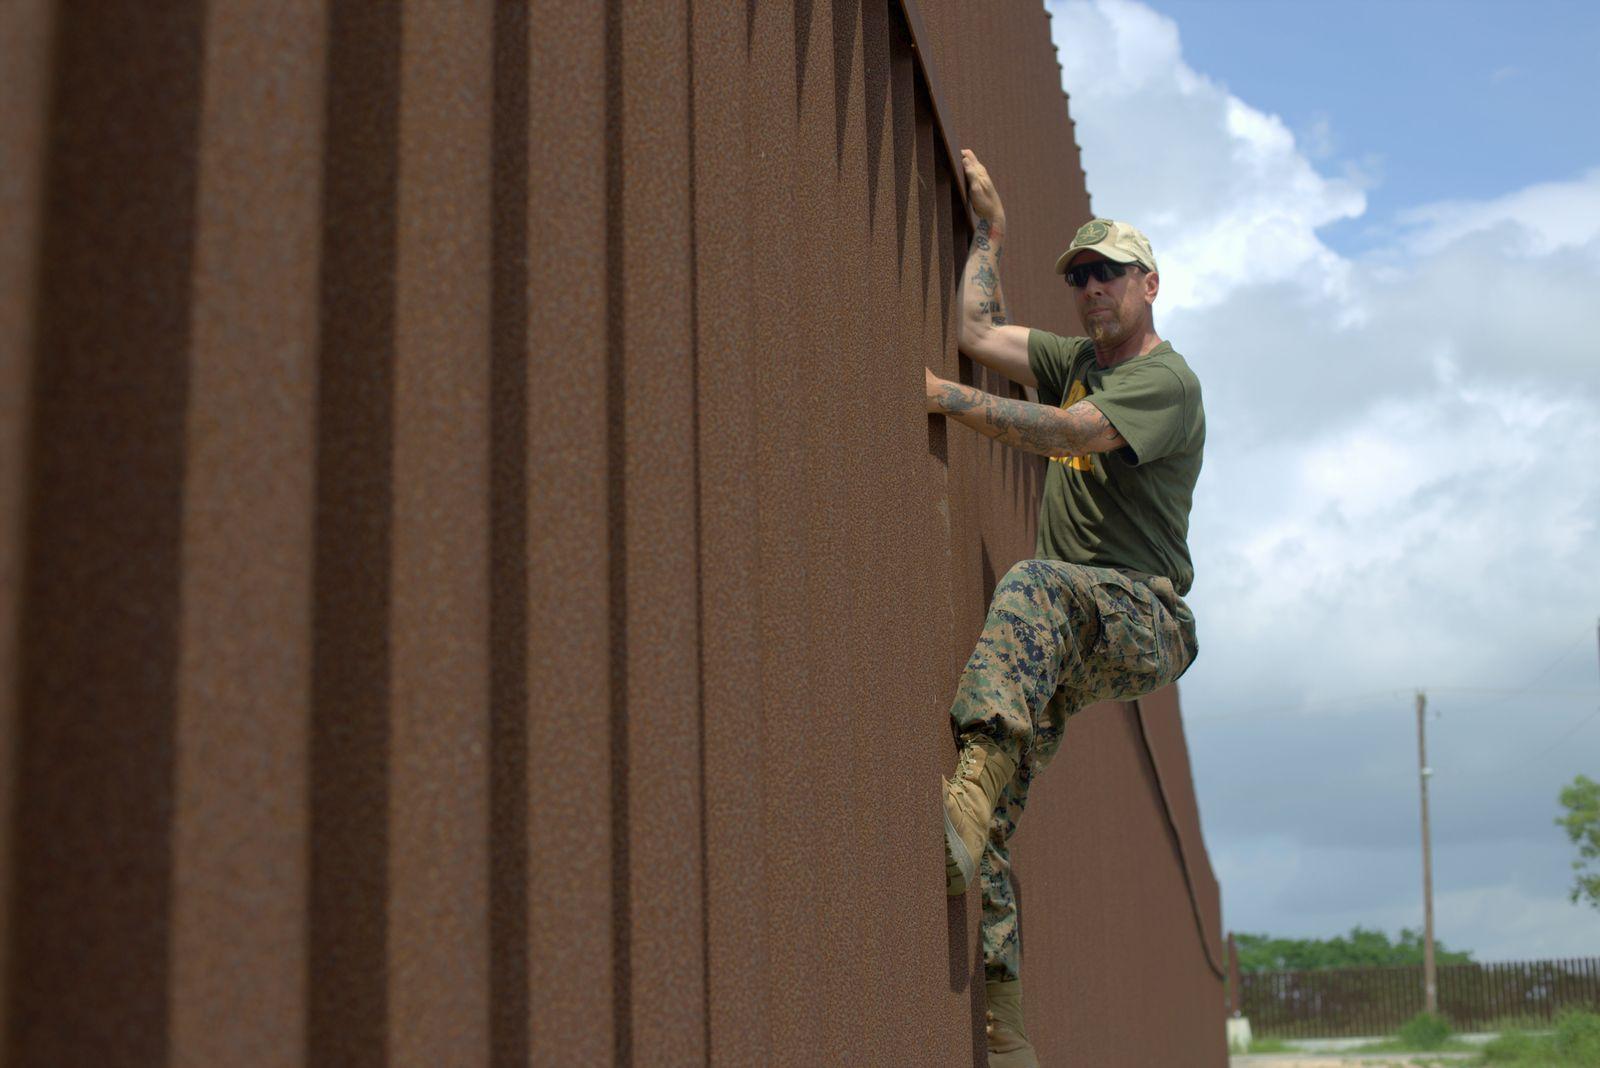 Grenze KC hängt am Zaun